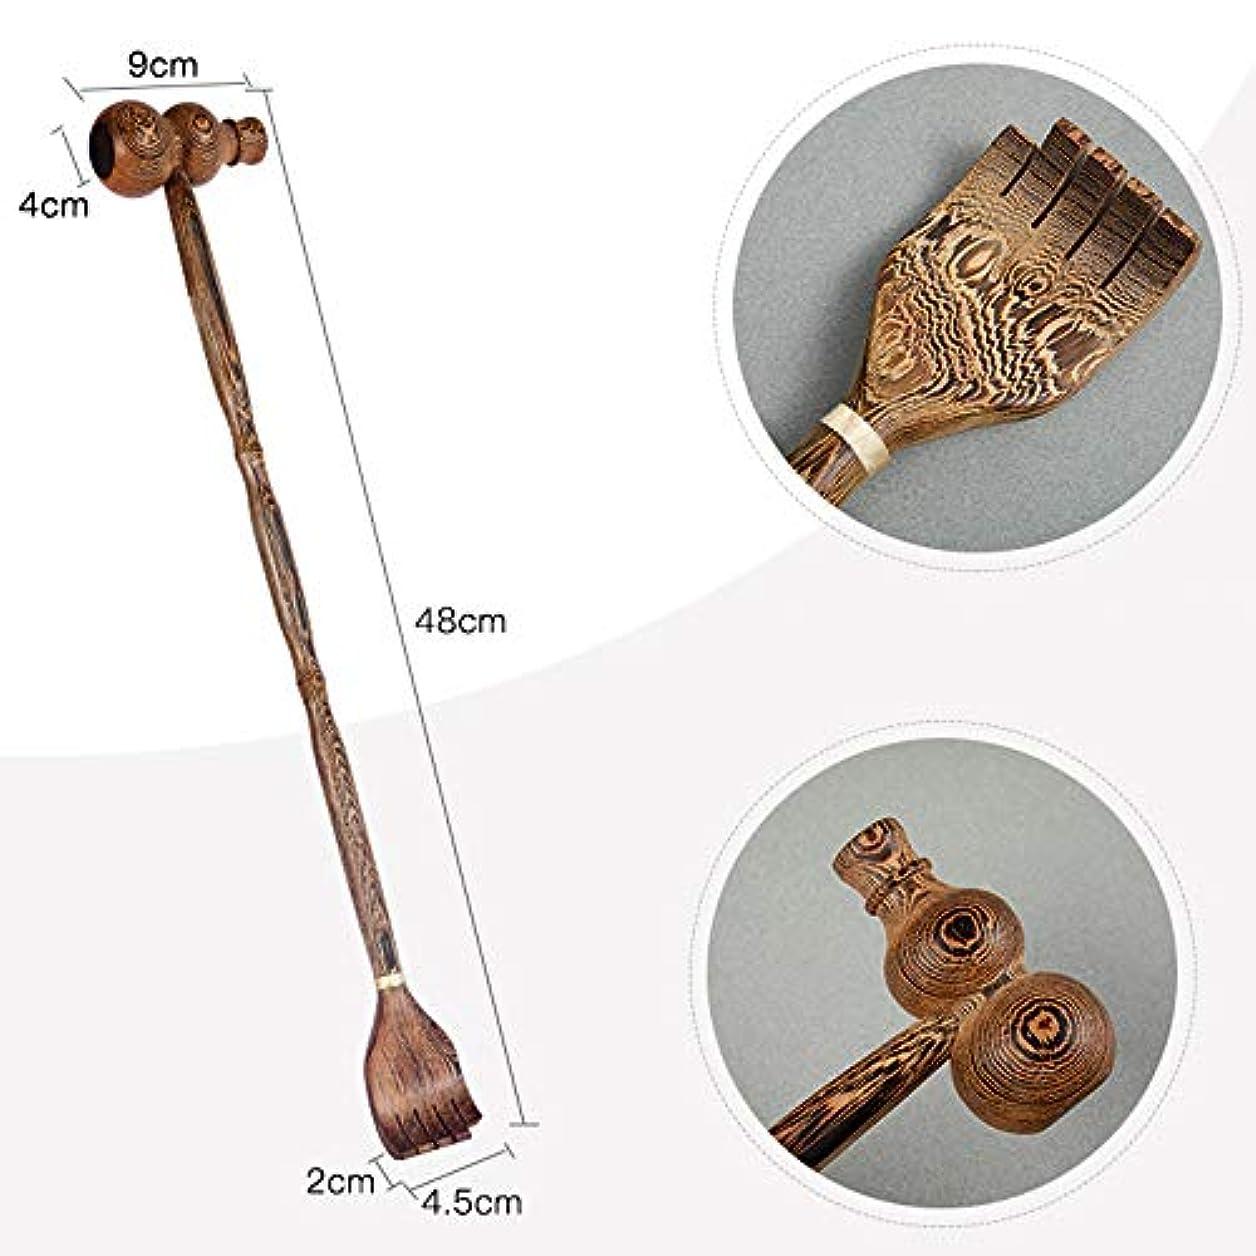 スイングファントム一握りAkagi 背中掻きブラシ 木製 まごのて 敬老の日 プレゼント高人気 背中かゆみを止め マッサージ用